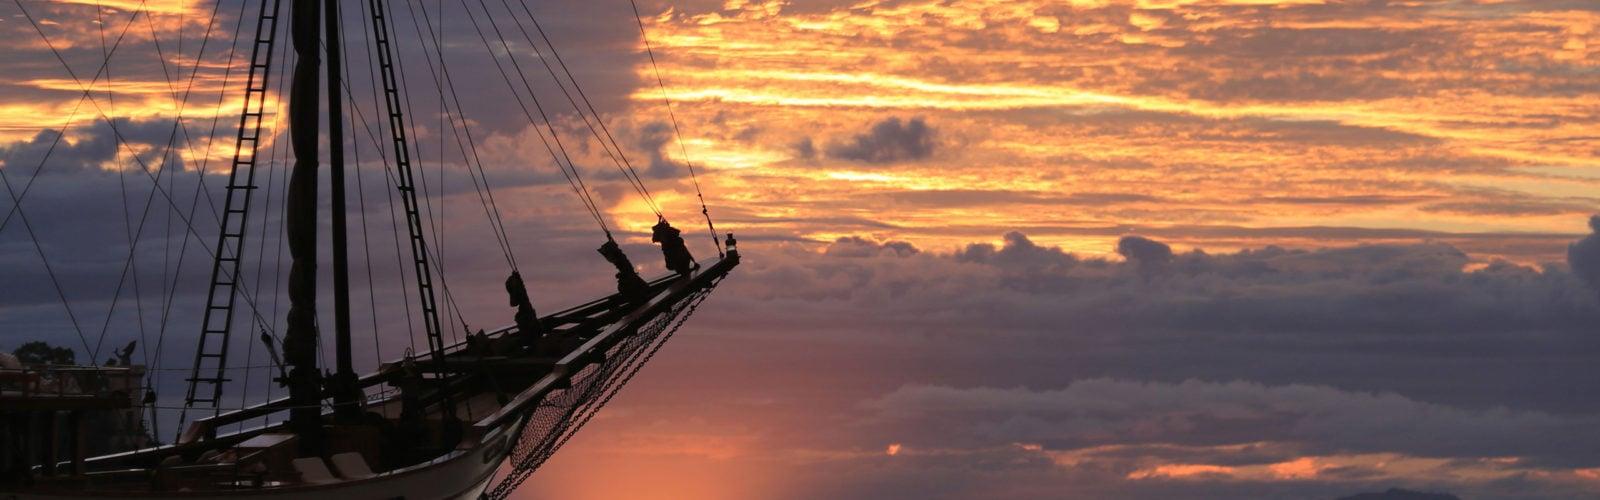 silolona-sunset